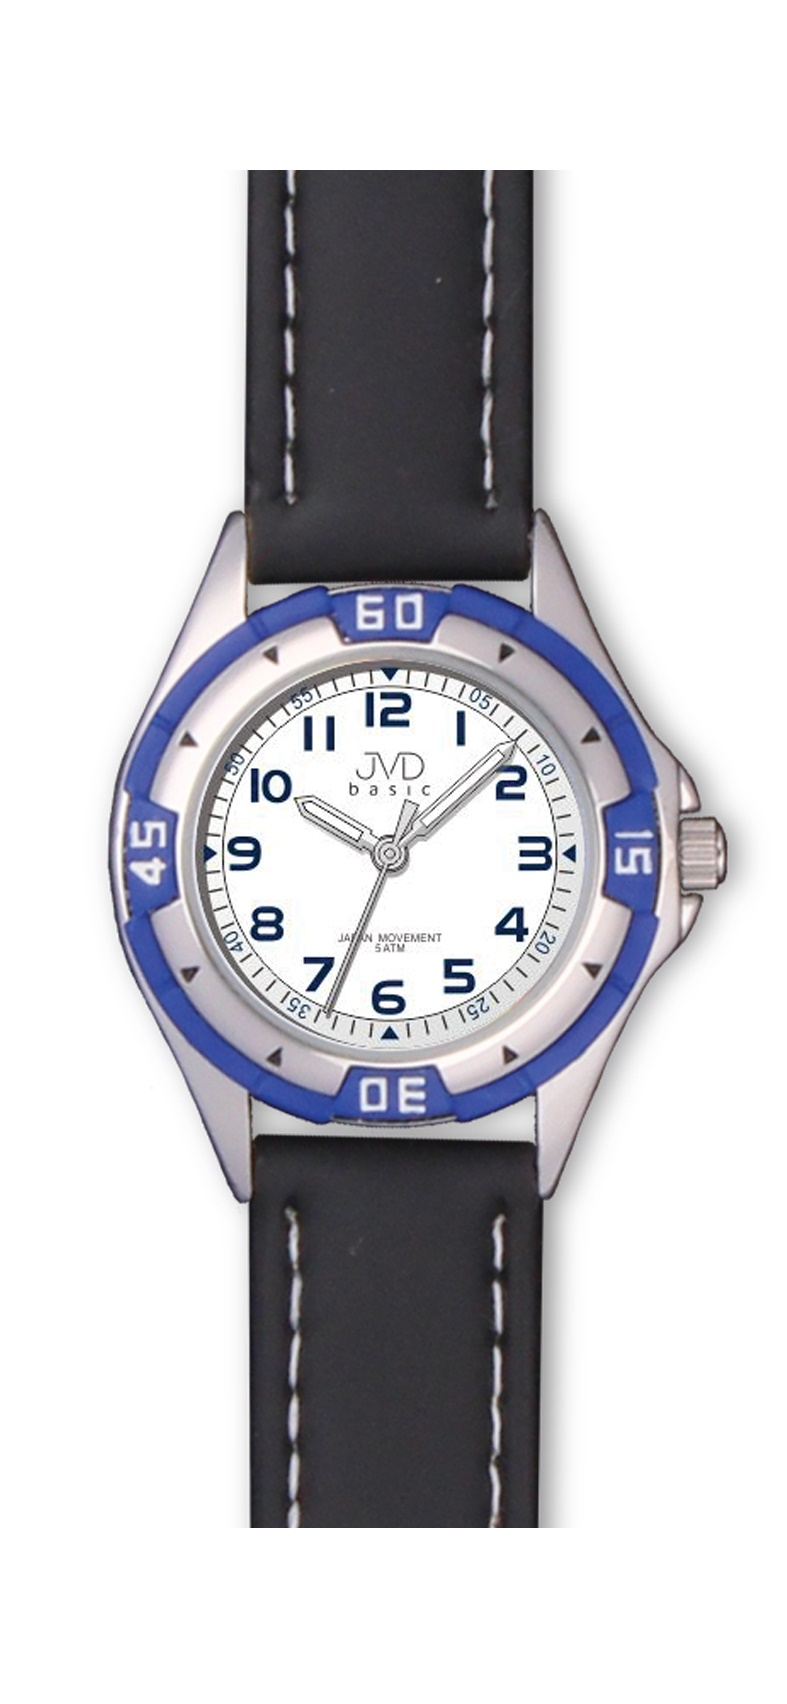 Chlapecké dětské voděodolné sportovní hodinky JVD J7099.3 - 5ATM (chlapecké hodinky)